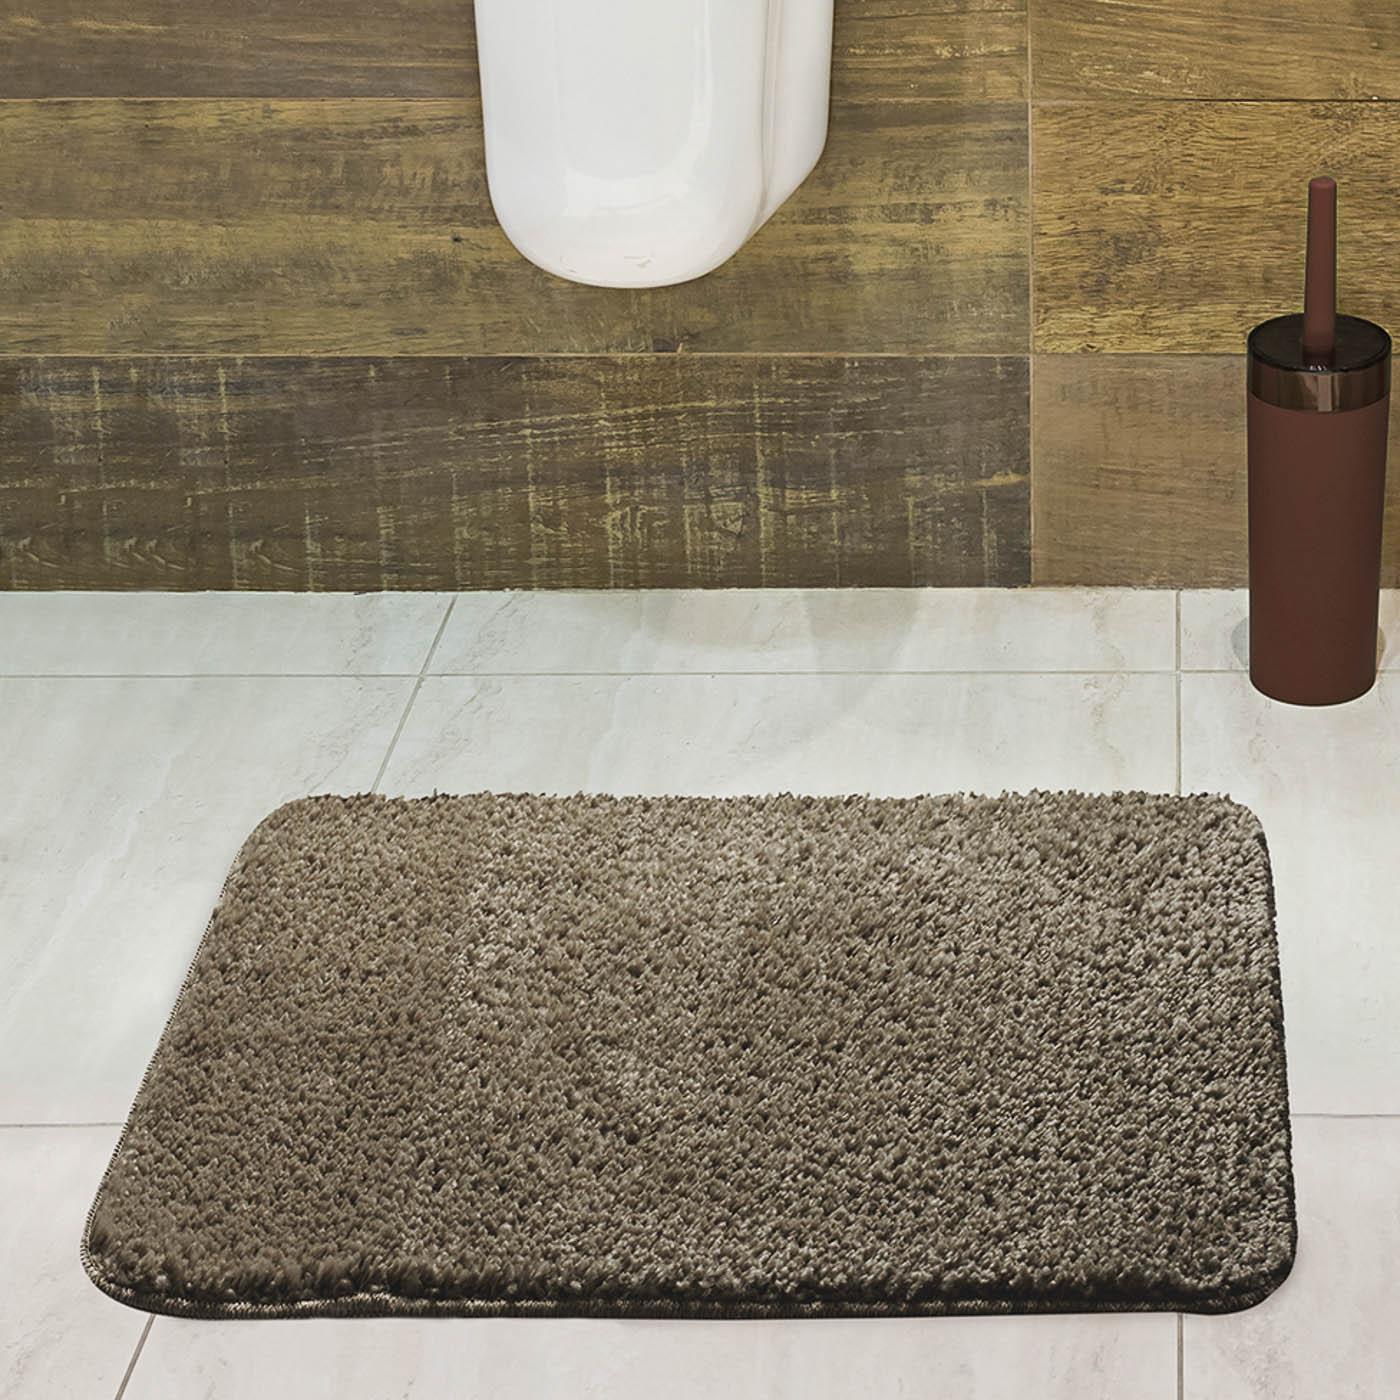 Tapete para Banheiro Jolitex Volpi 40x60cm Caqui